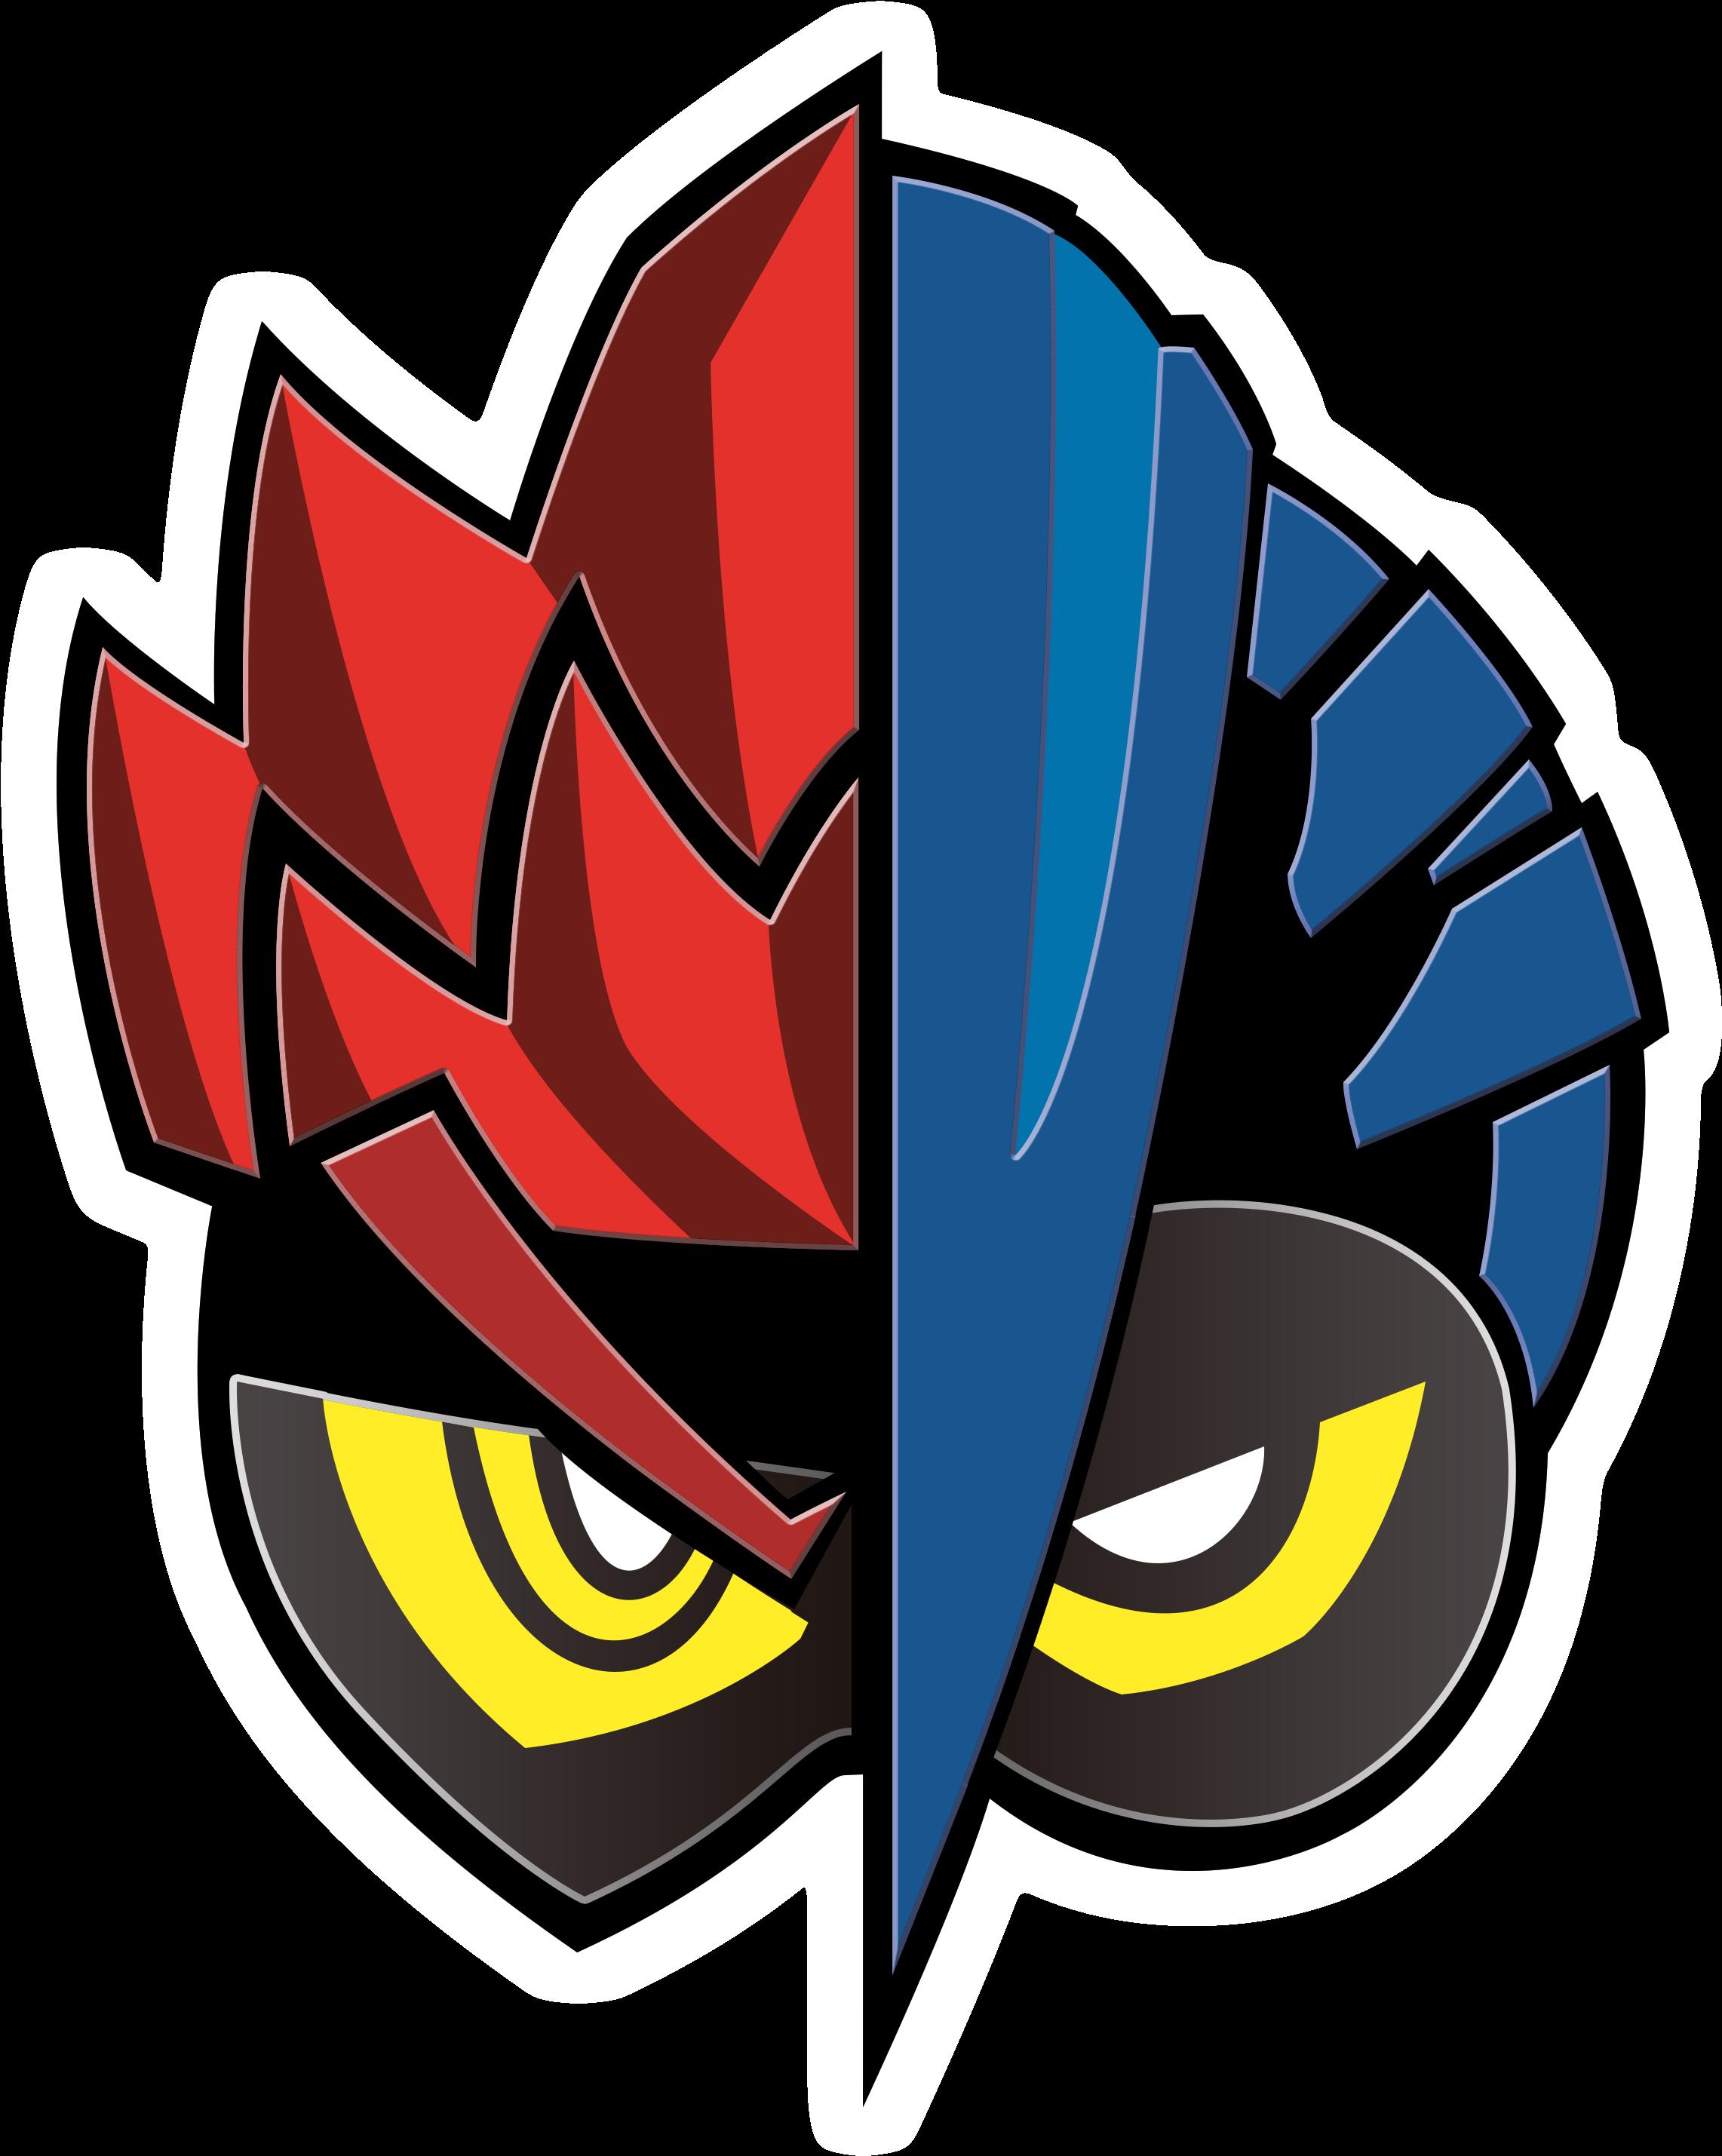 download logo kamen rider para dx full size png image pngkit download logo kamen rider para dx